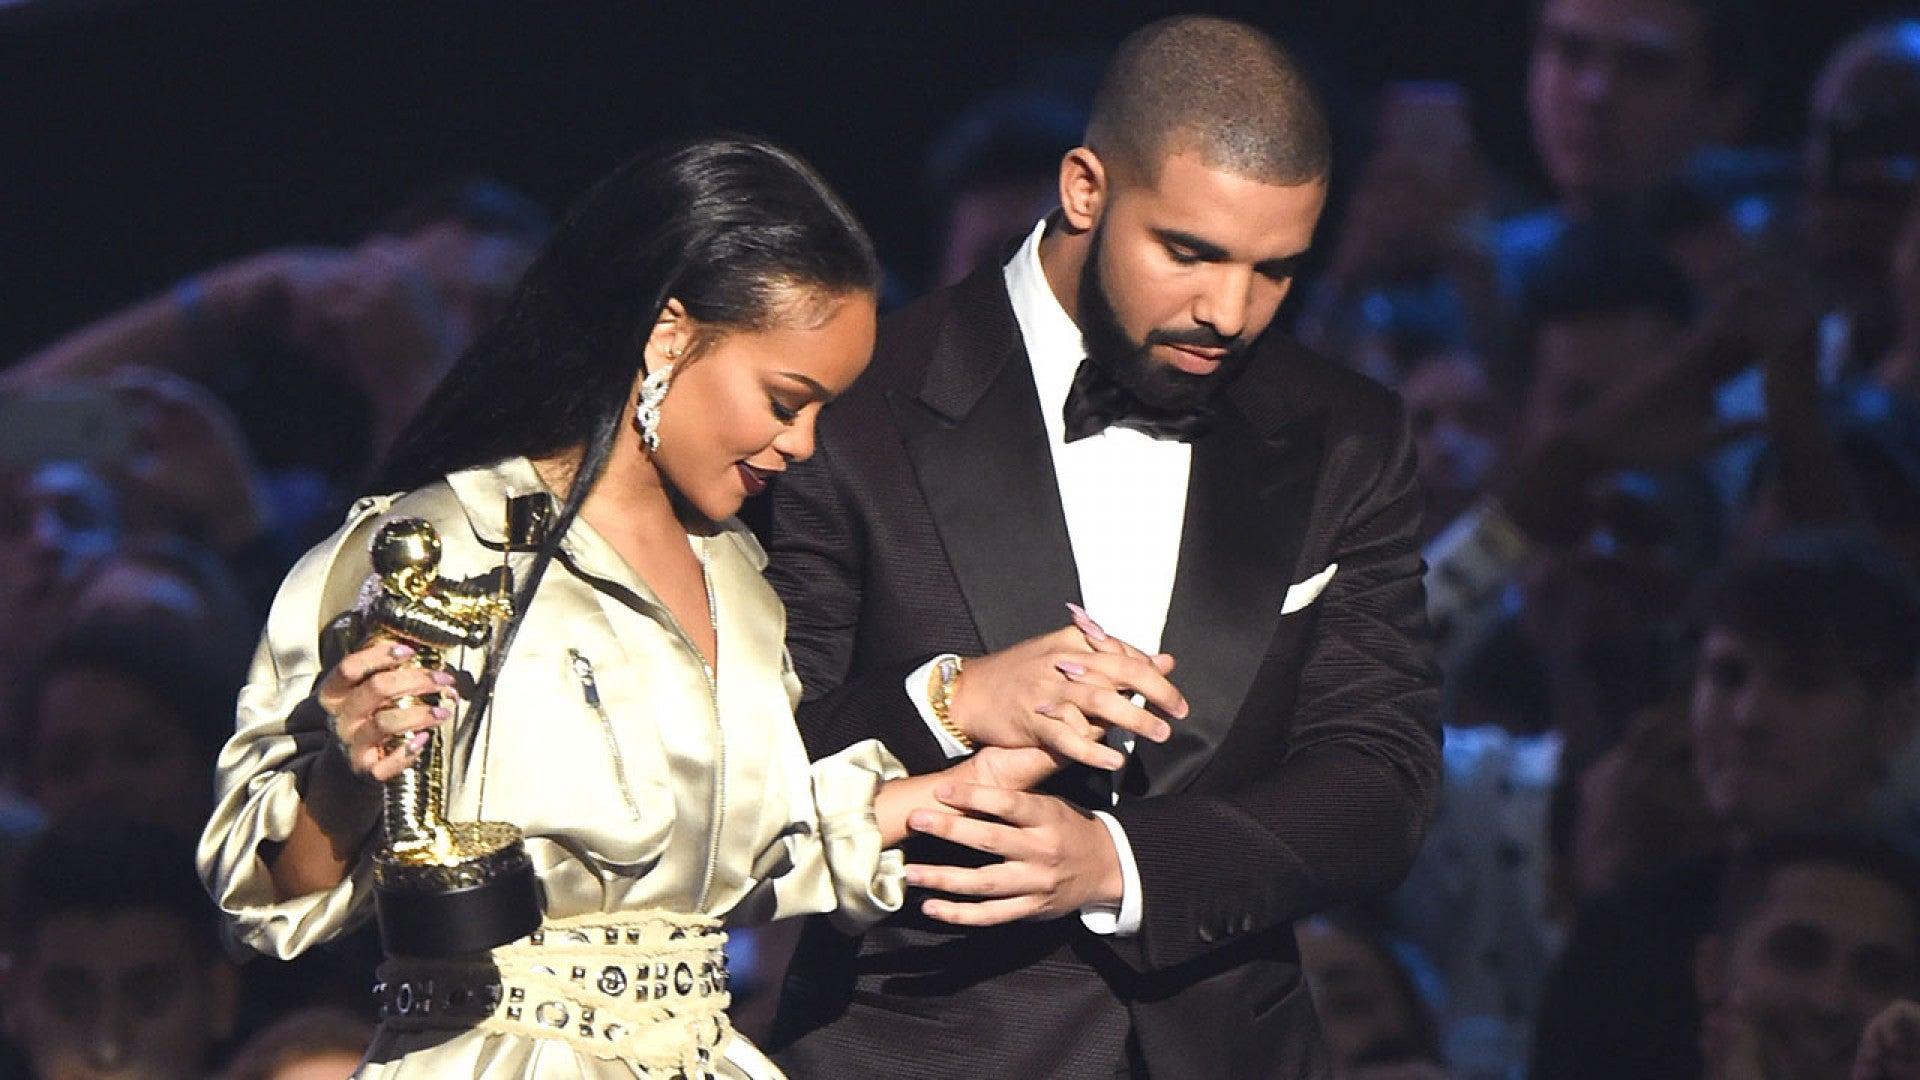 är Rihanna dating drake 2015